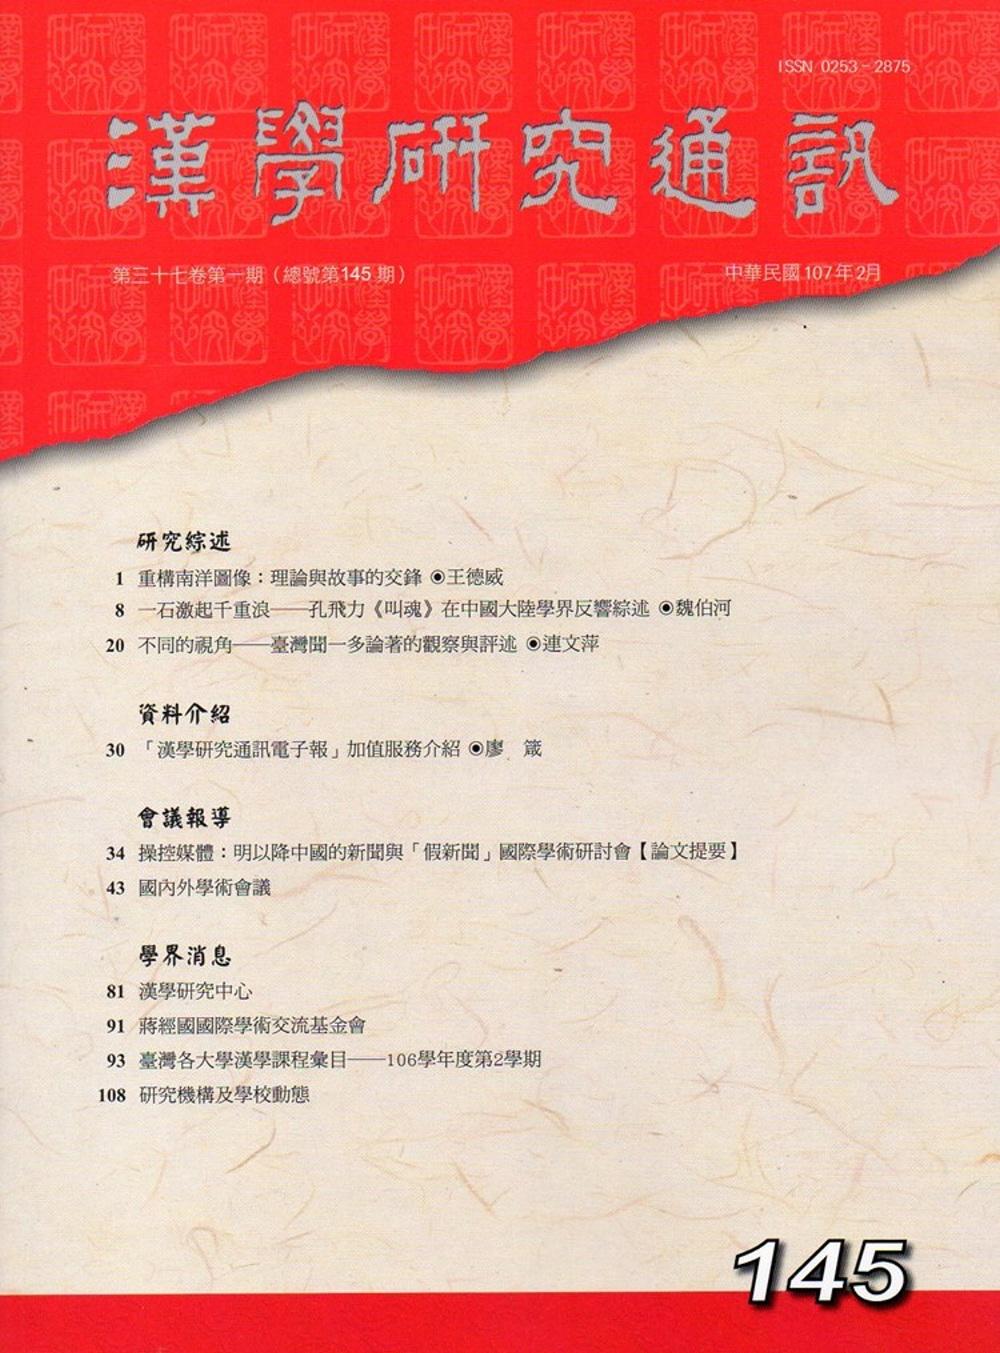 漢學研究通訊37卷1期NO.145(107/02)